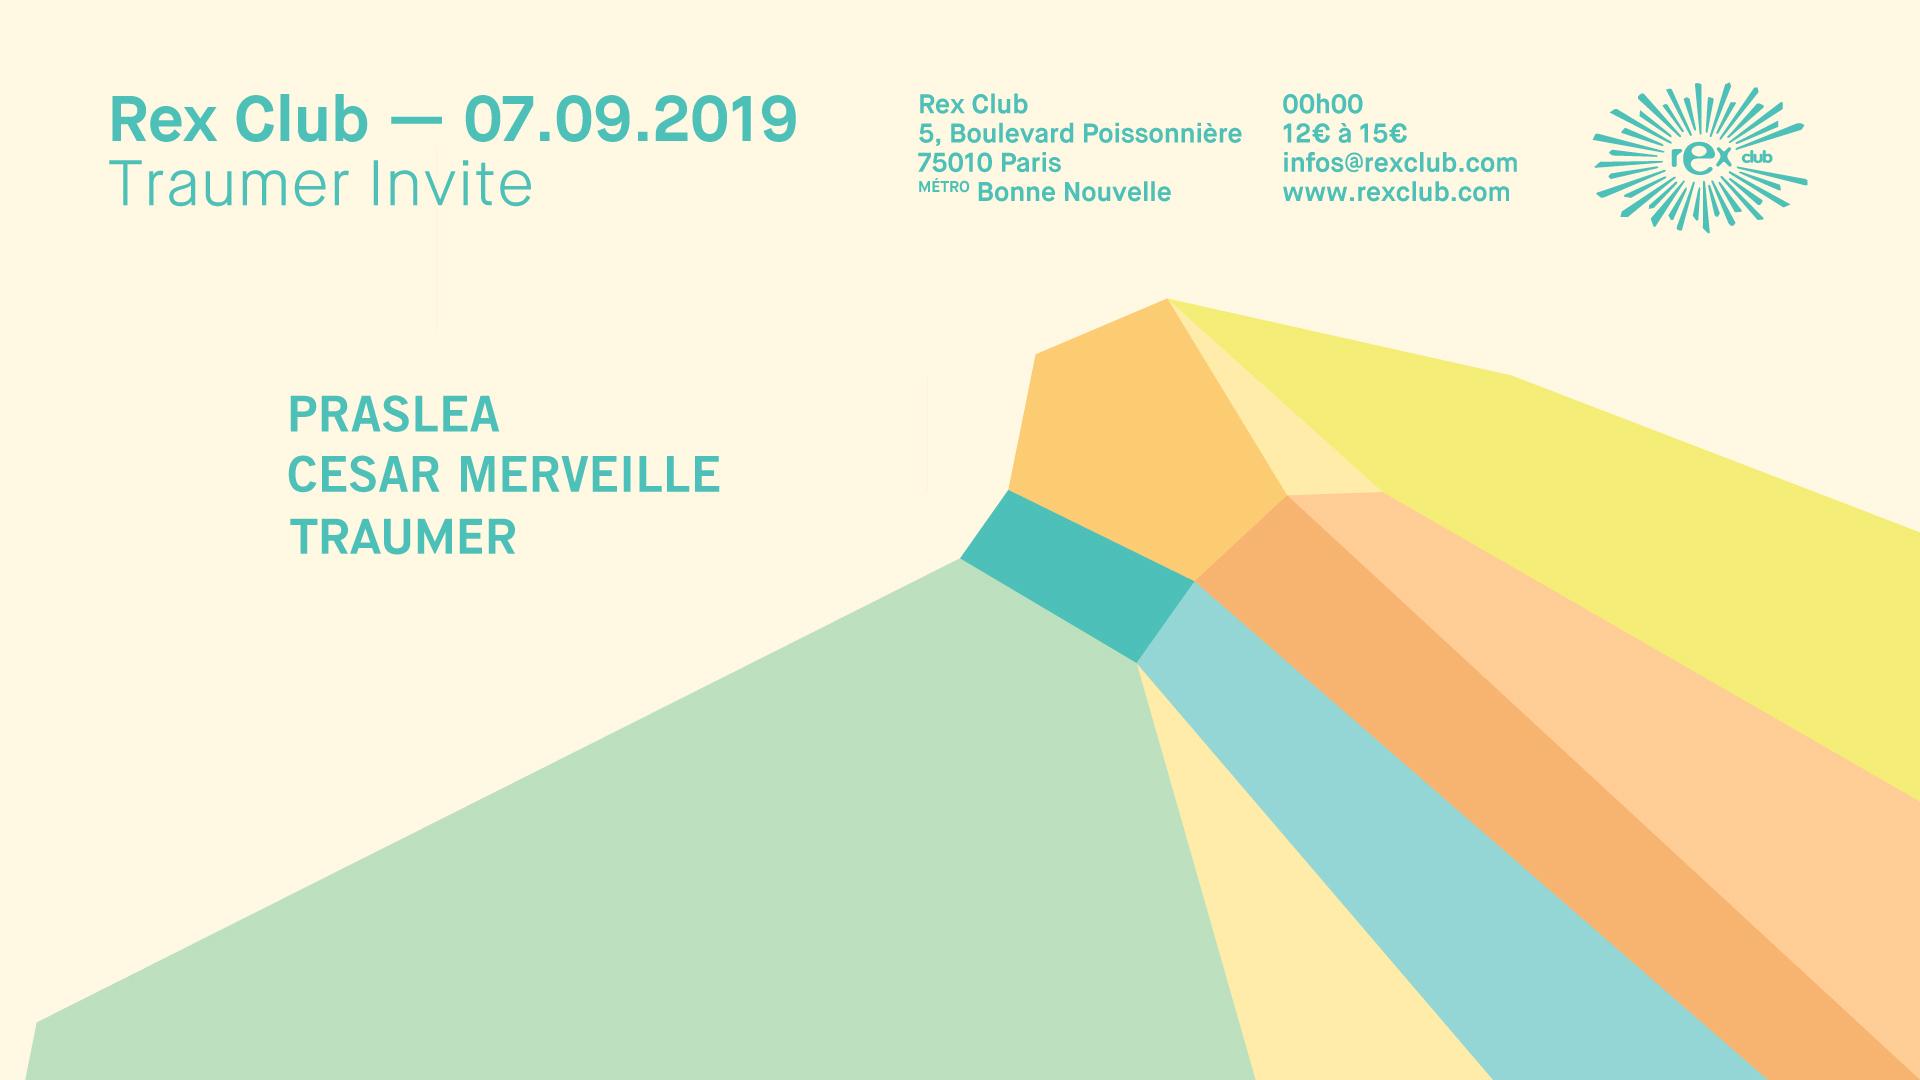 Traumer Invite: Praslea & Cesar Merveille